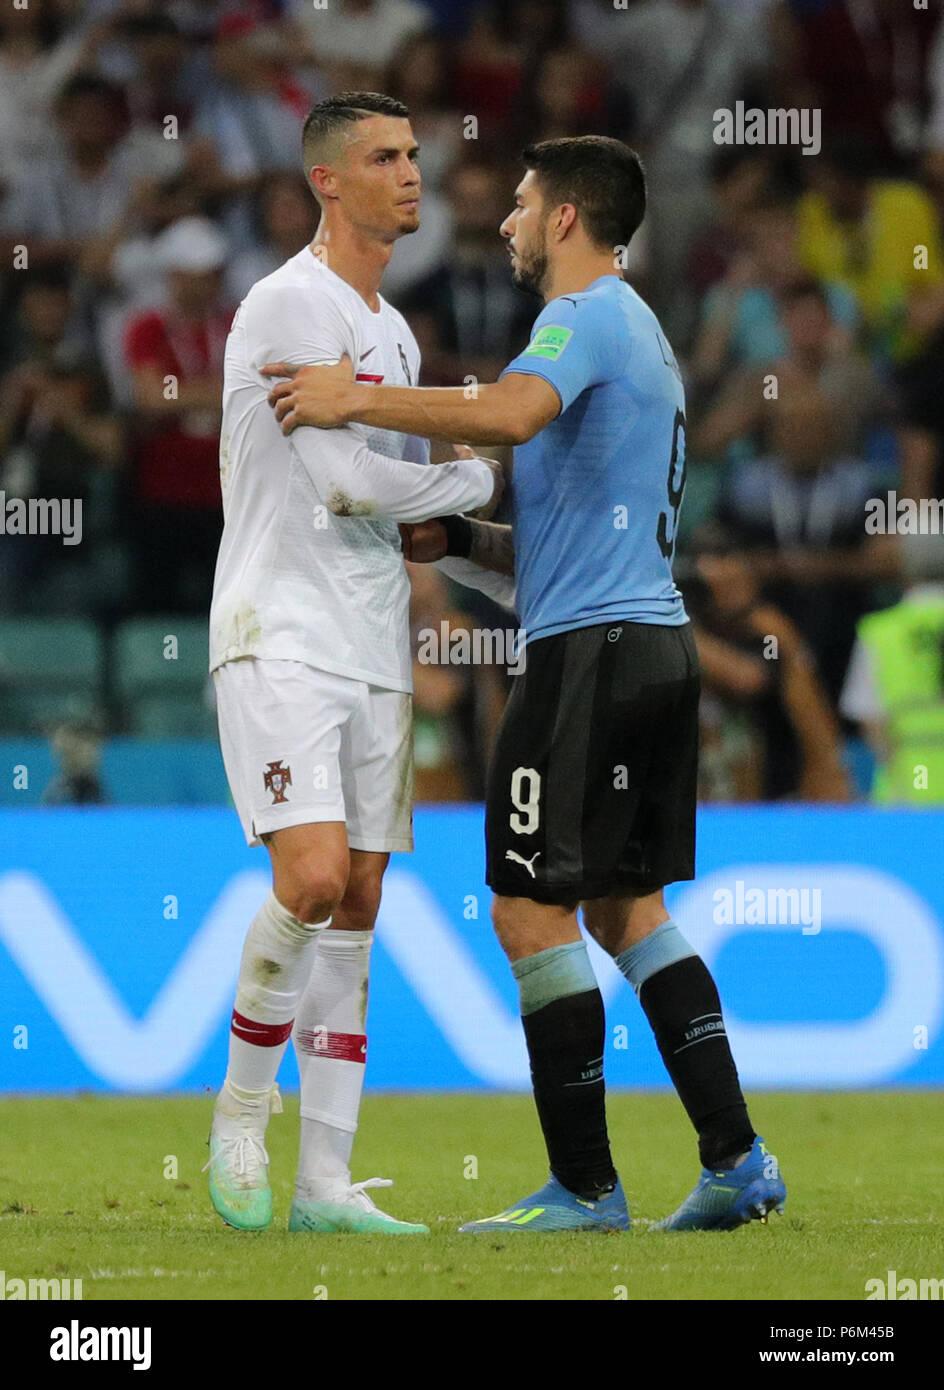 ¿Cuánto mide Edinson Cavani? - Real height Sochi-rusia-30-de-junio-de-2018-futbol-la-copa-mundial-de-la-fifa-de-16-anos-la-ronda-uruguay-vs-portugal-en-el-sochi-stadium-uruguay-luis-suarez-r-y-el-portugues-cristiano-ronaldo-l-credito-christian-charisiusdpaalamy-live-news-p6m45b